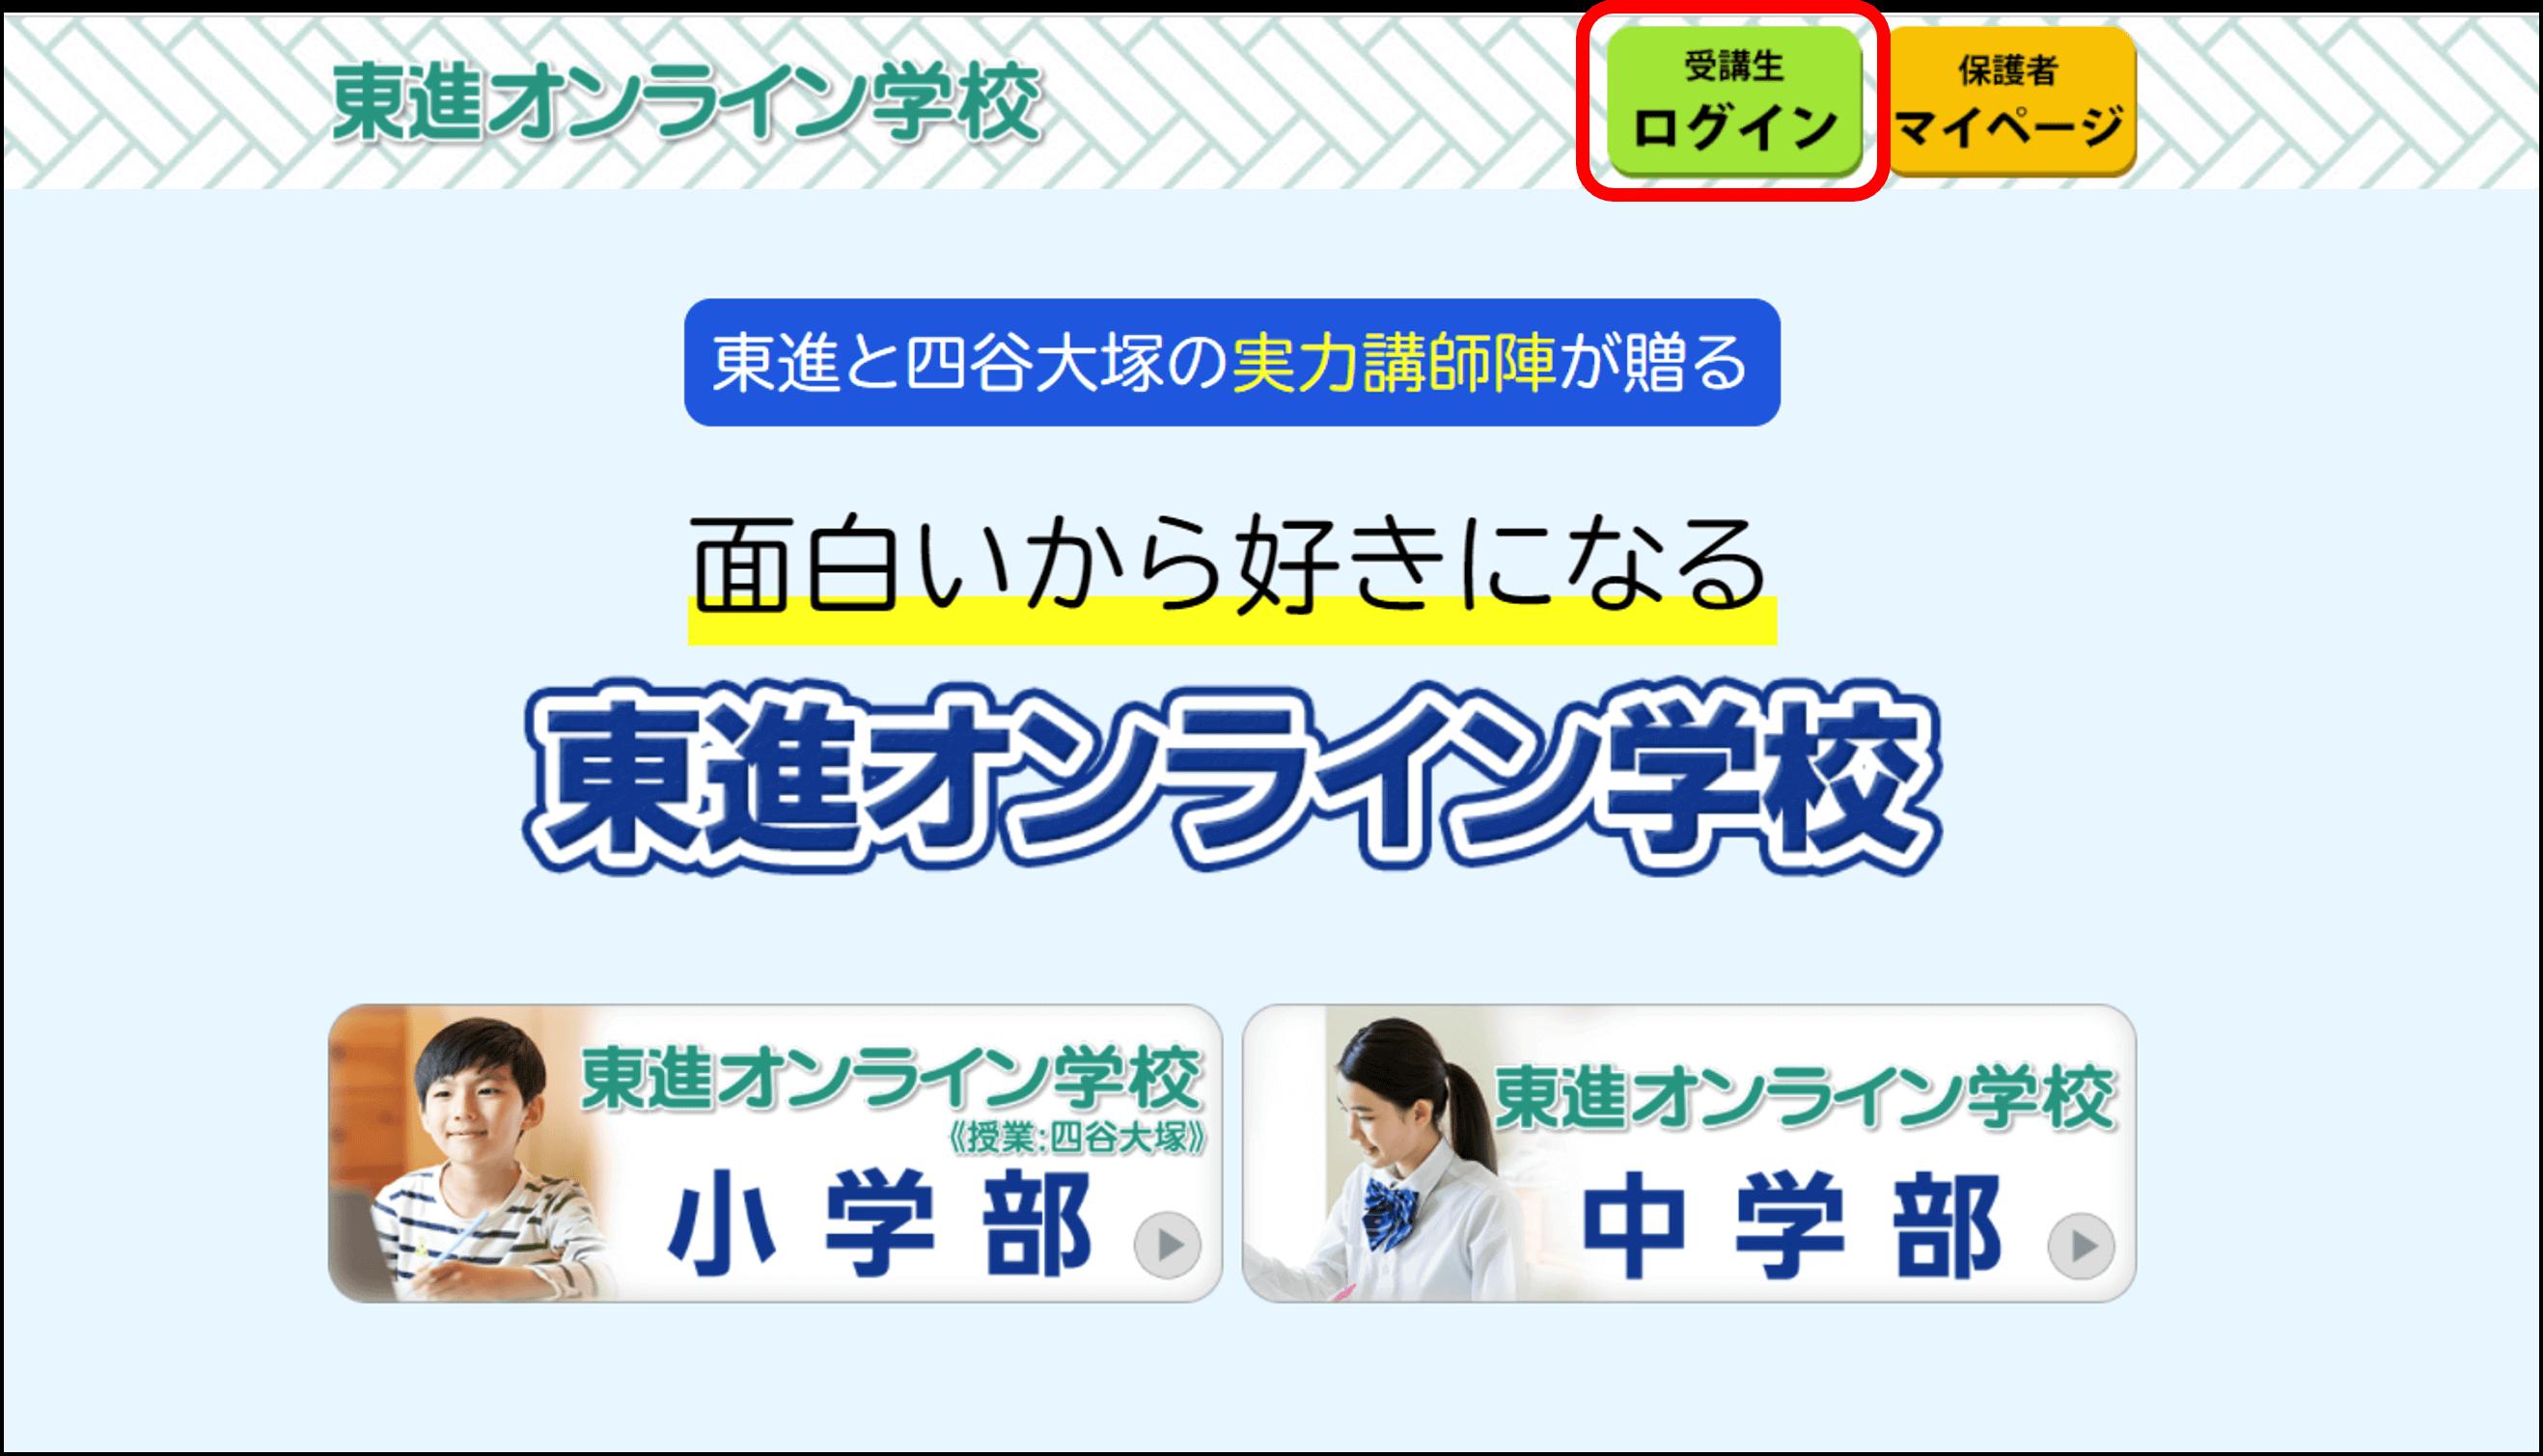 ログイン 東進 pos ☆★保護者様:東進学力POS 保護者様専用ページ利用法★☆